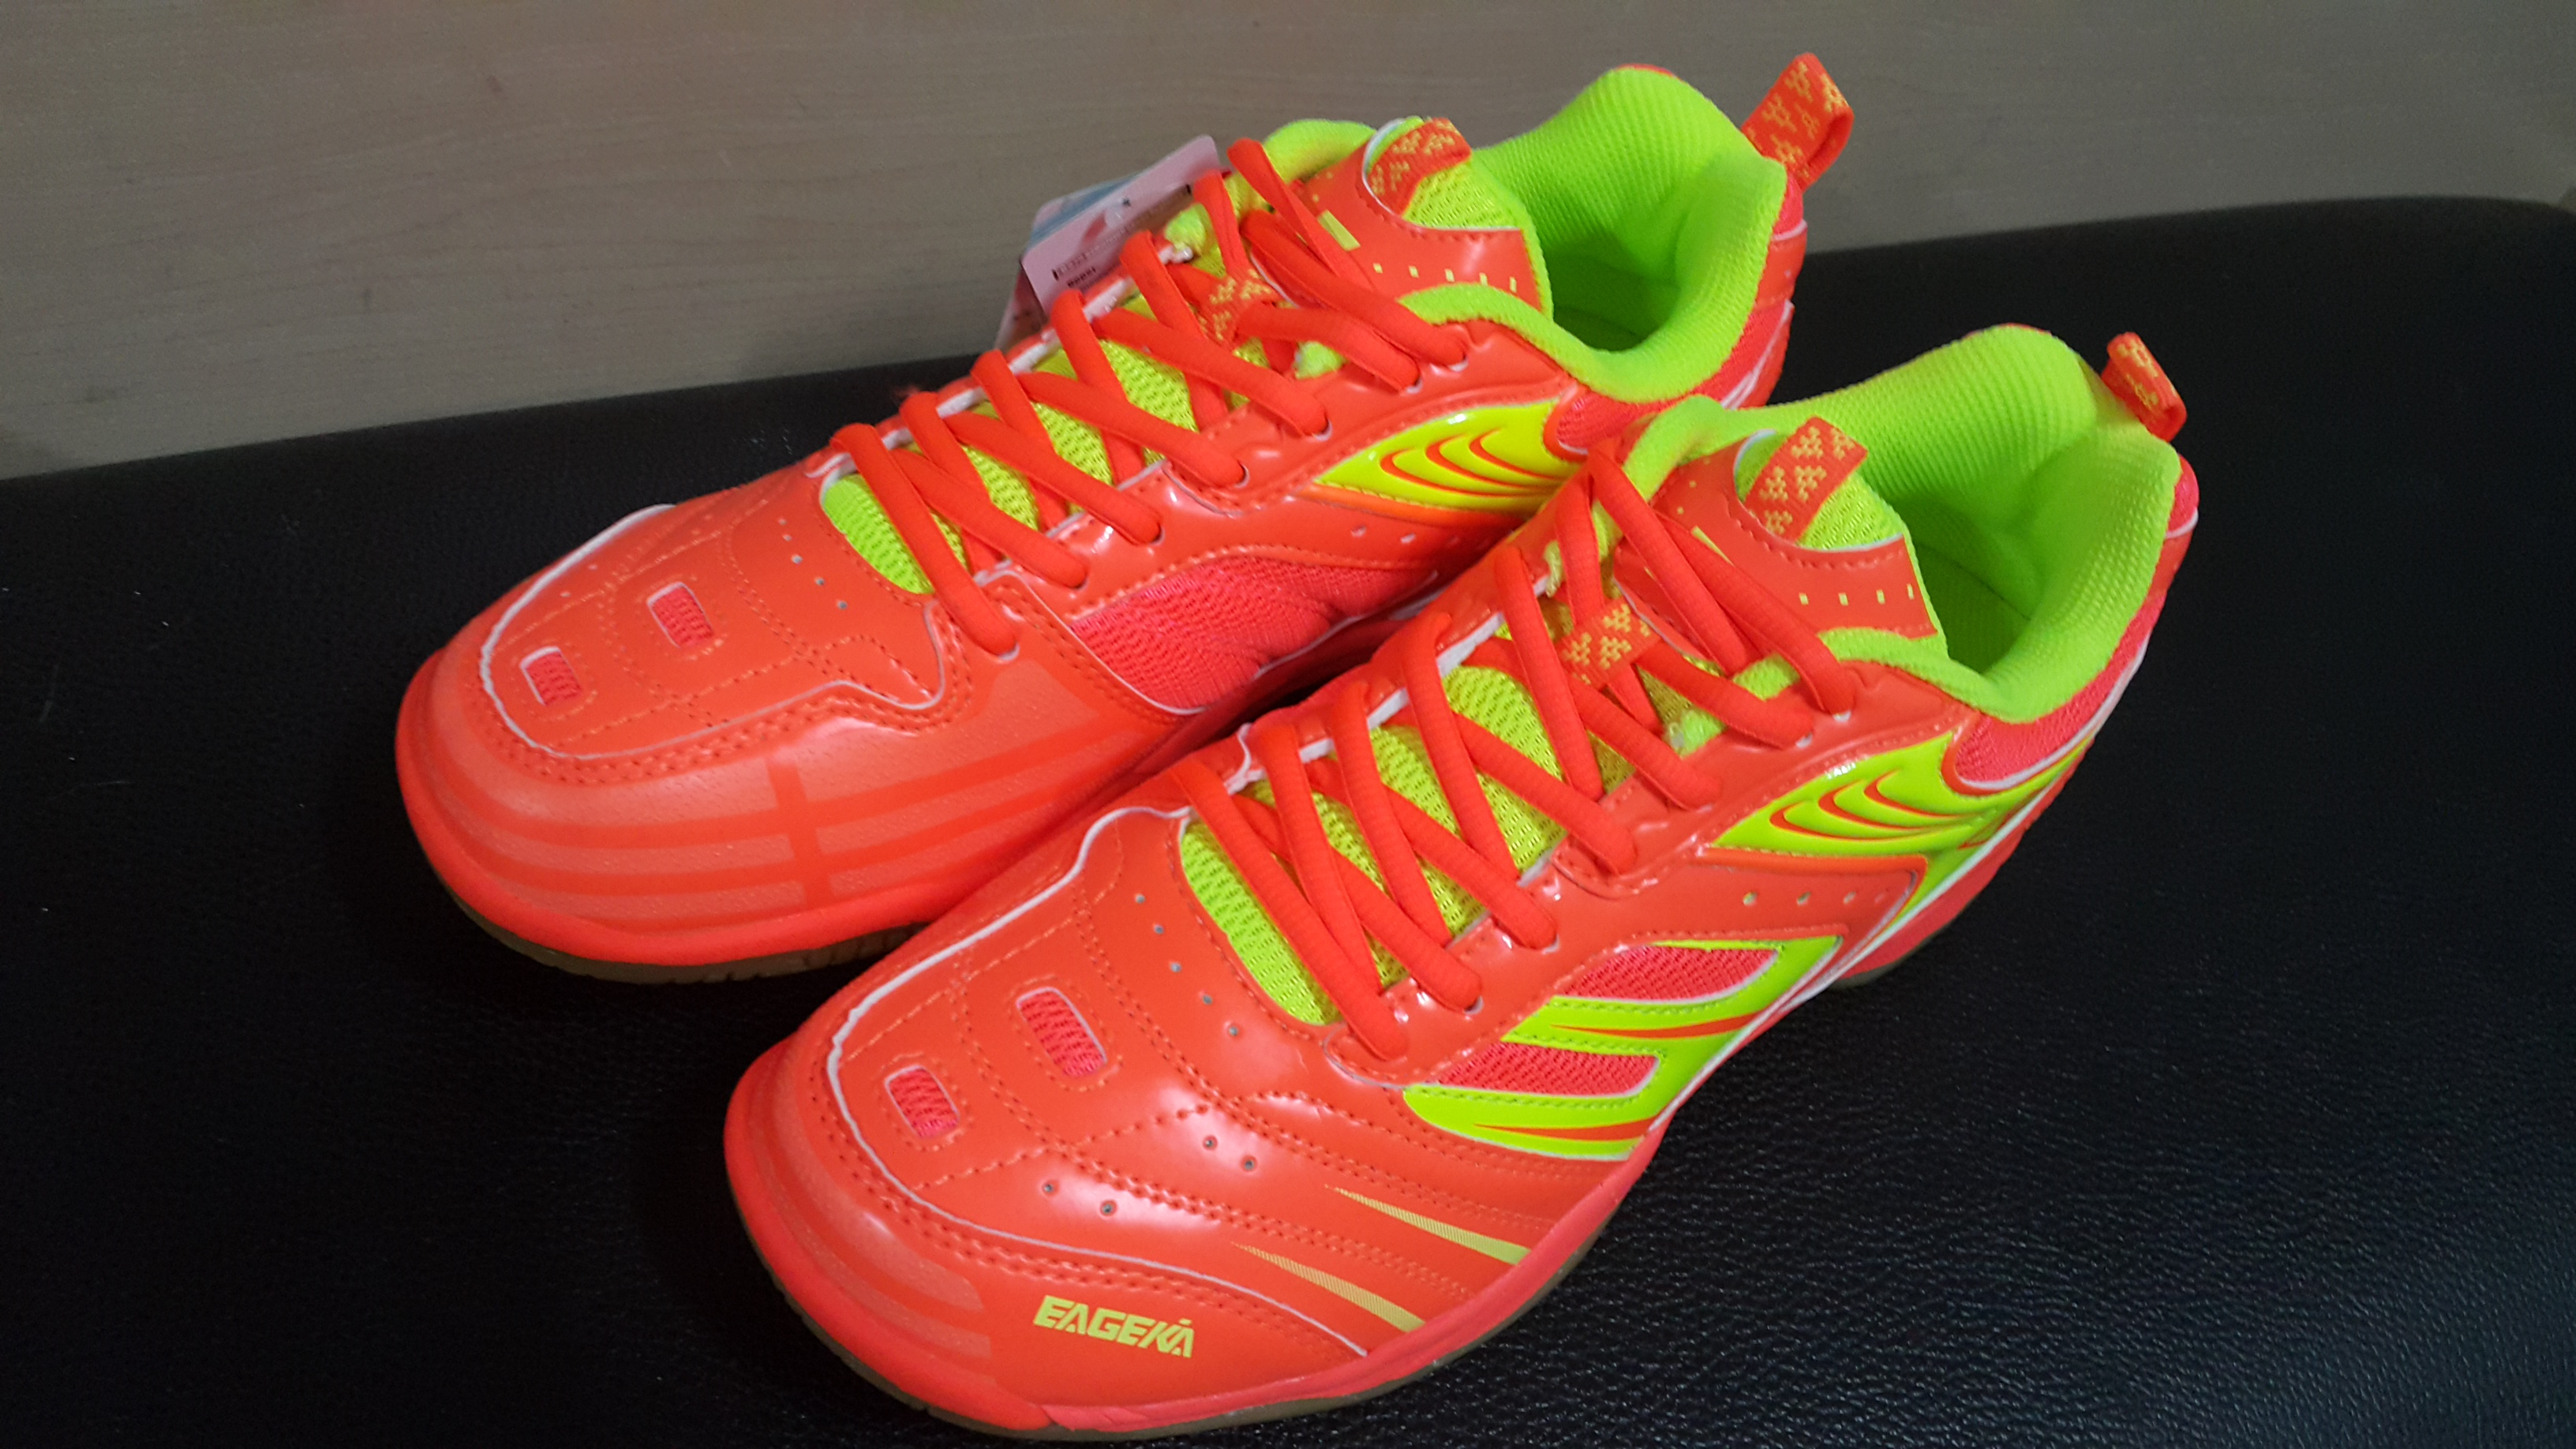 รองเท้าแบดมินตัน รุ่น BS79 นุ่ม เบา สบายเท้า